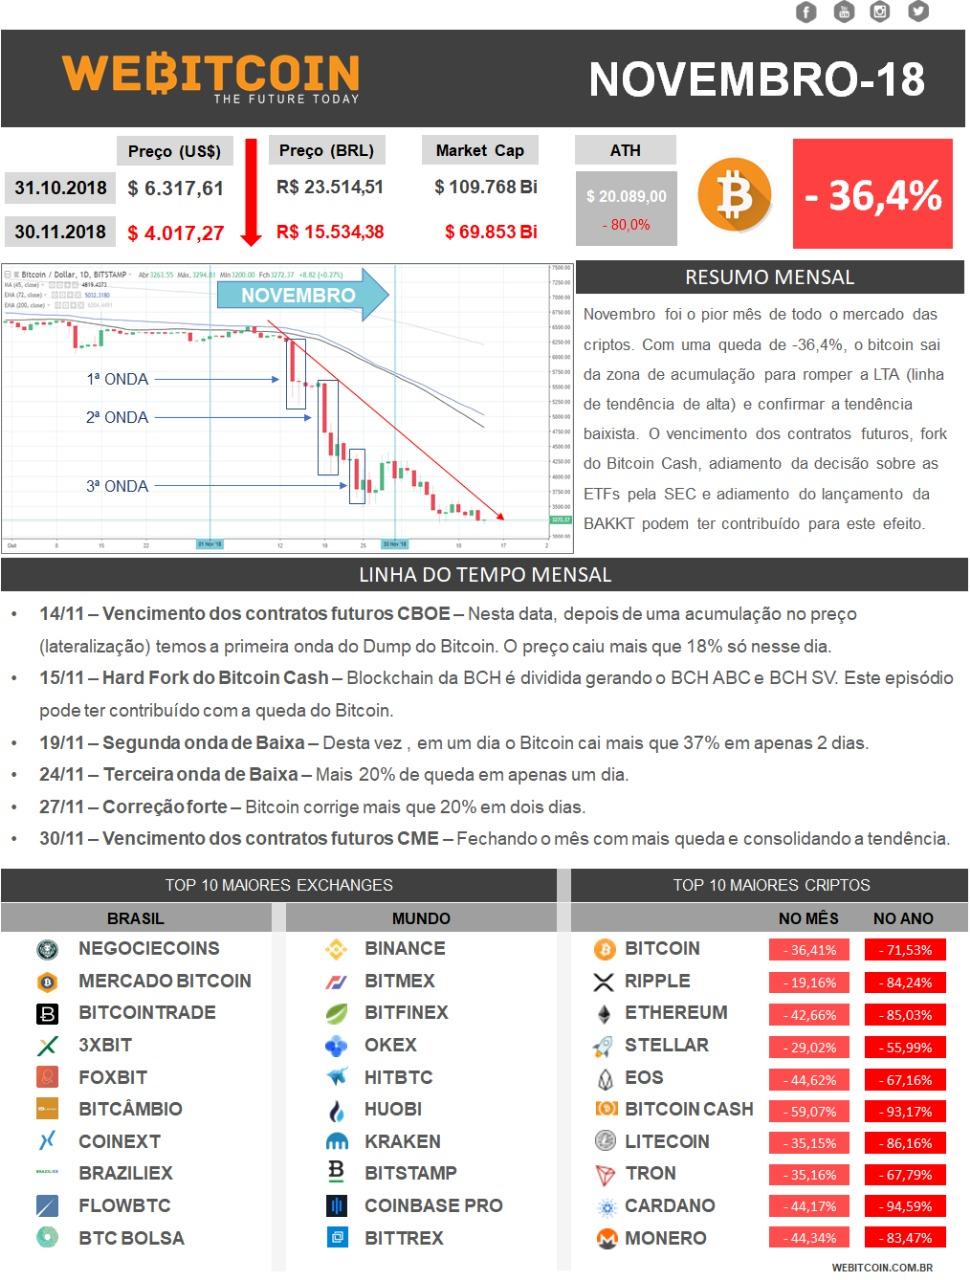 Relatório Bitcoin Novembro 2018